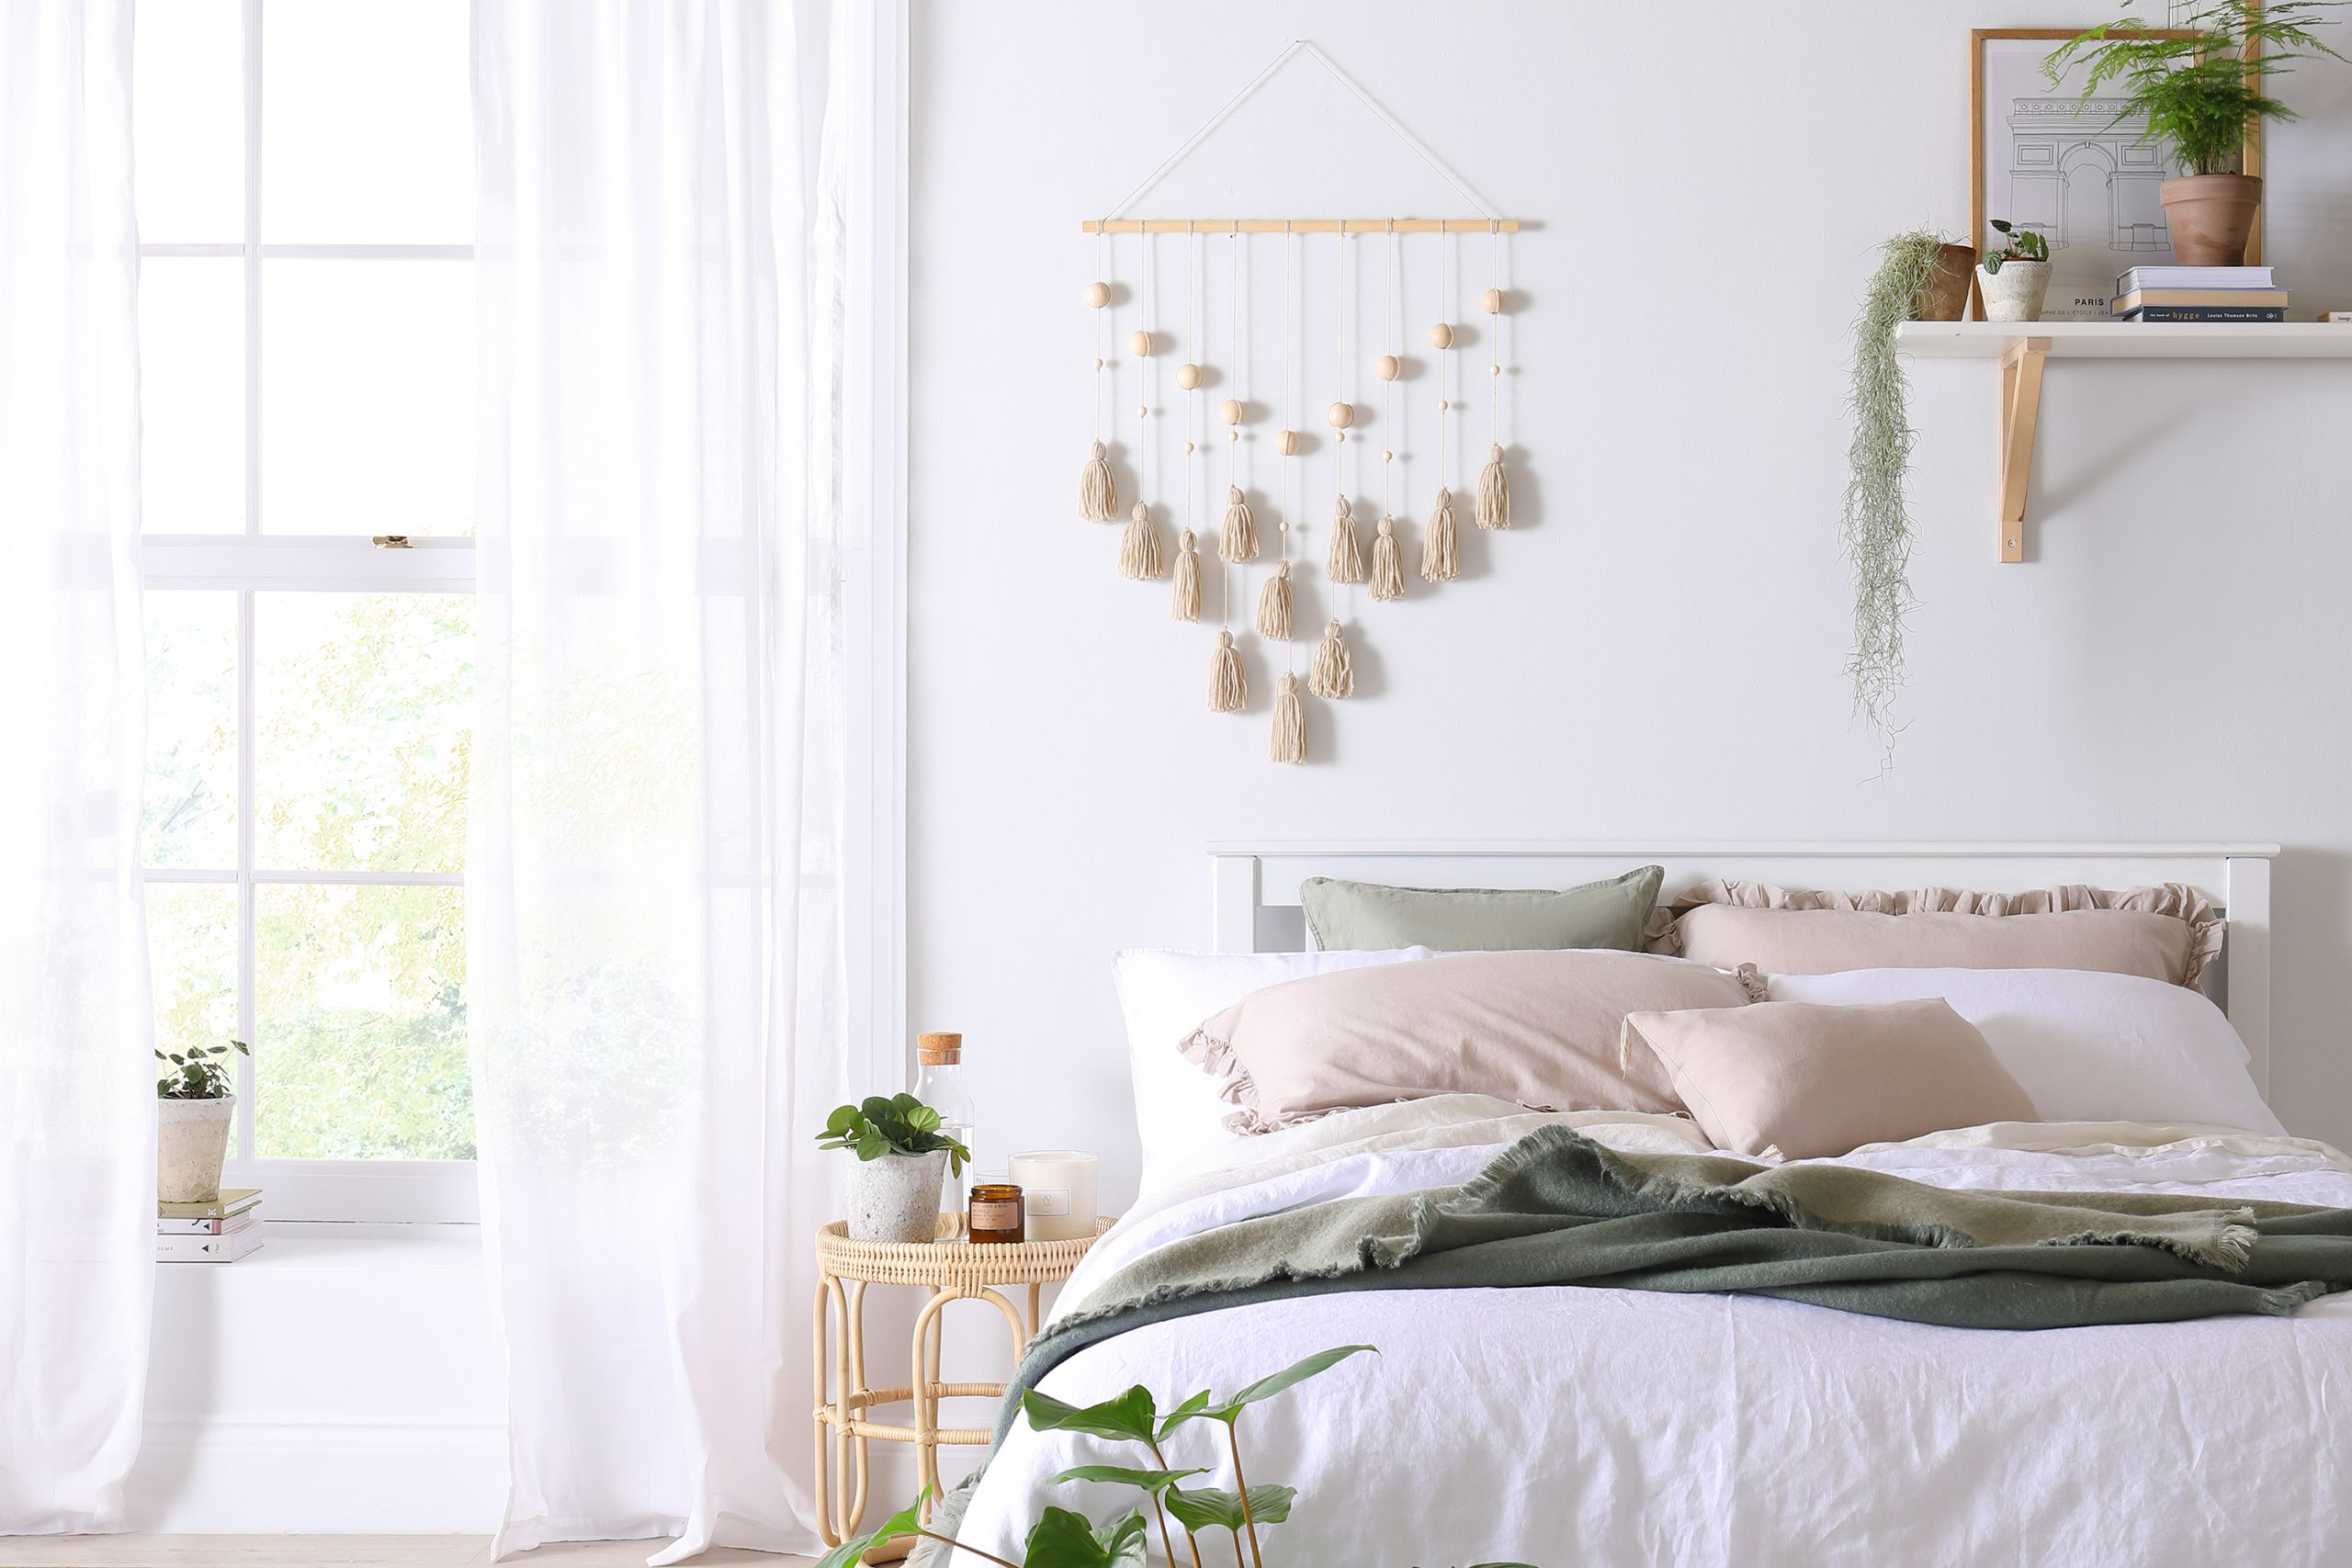 Fc Denver White Bed Landscape